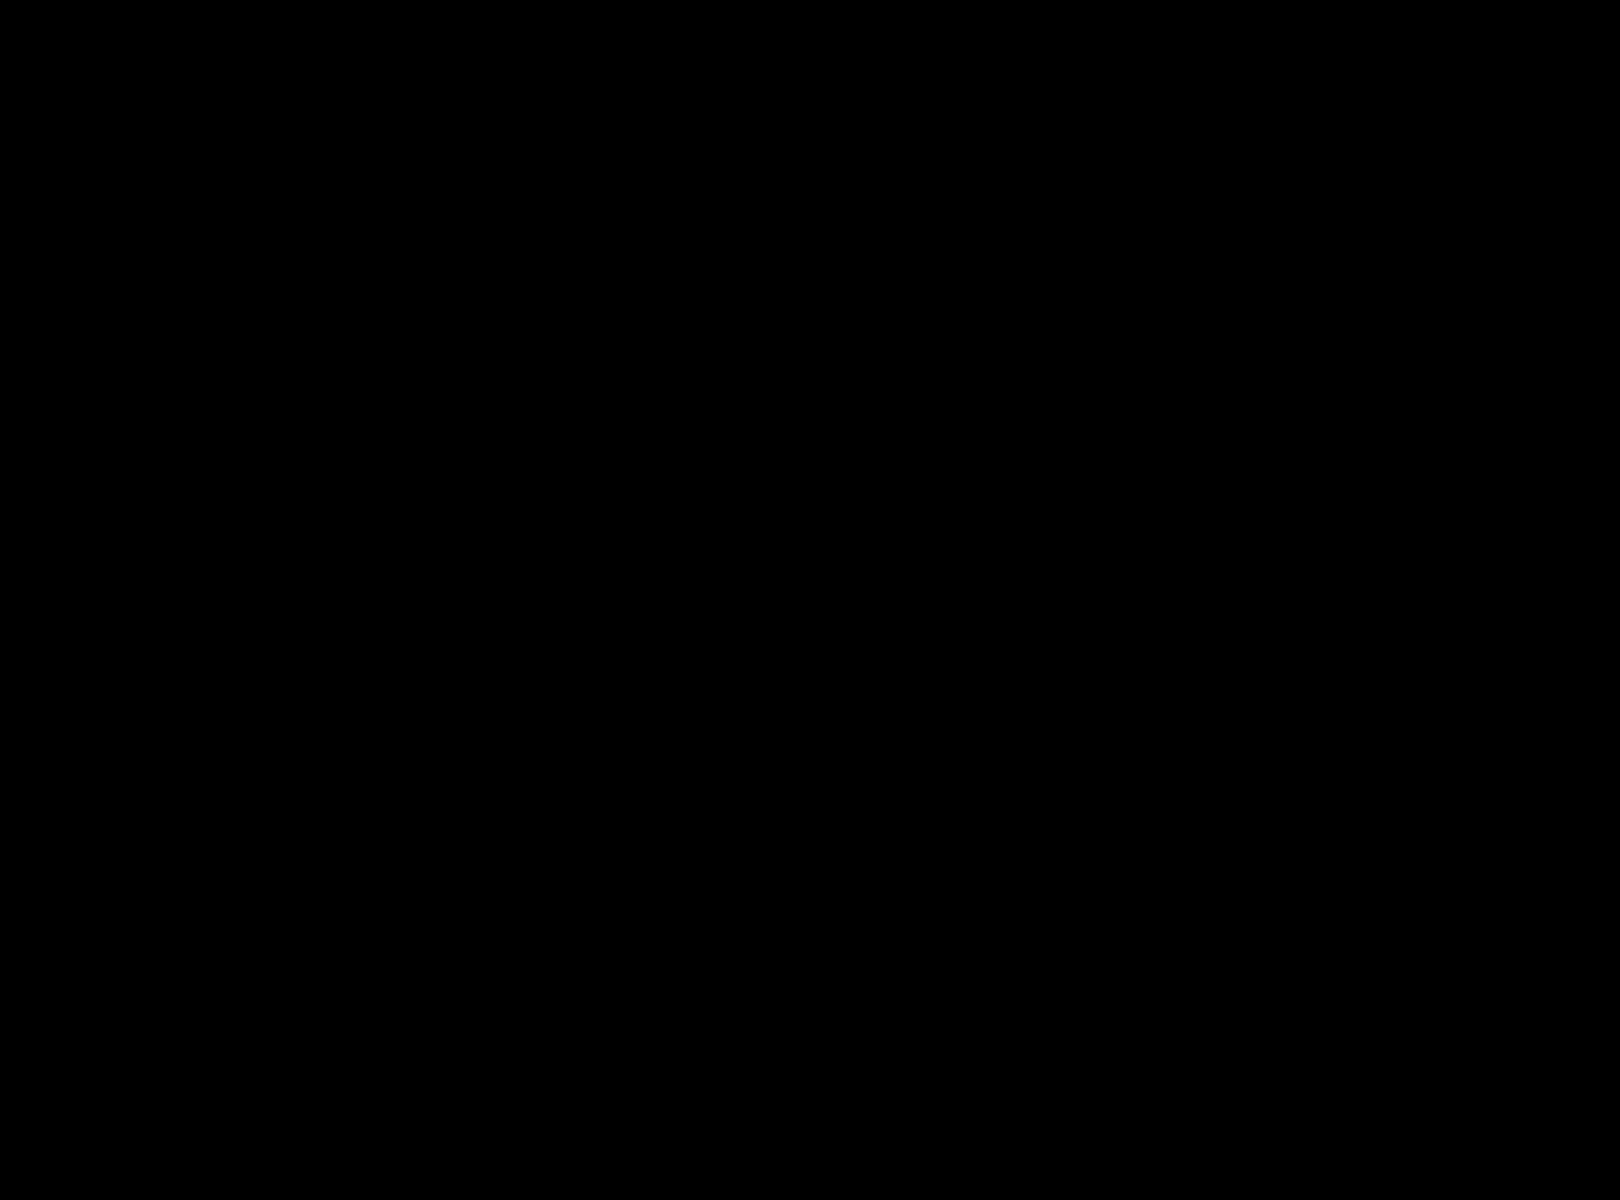 5767a97bd29bf573dc554981b8a21e4f